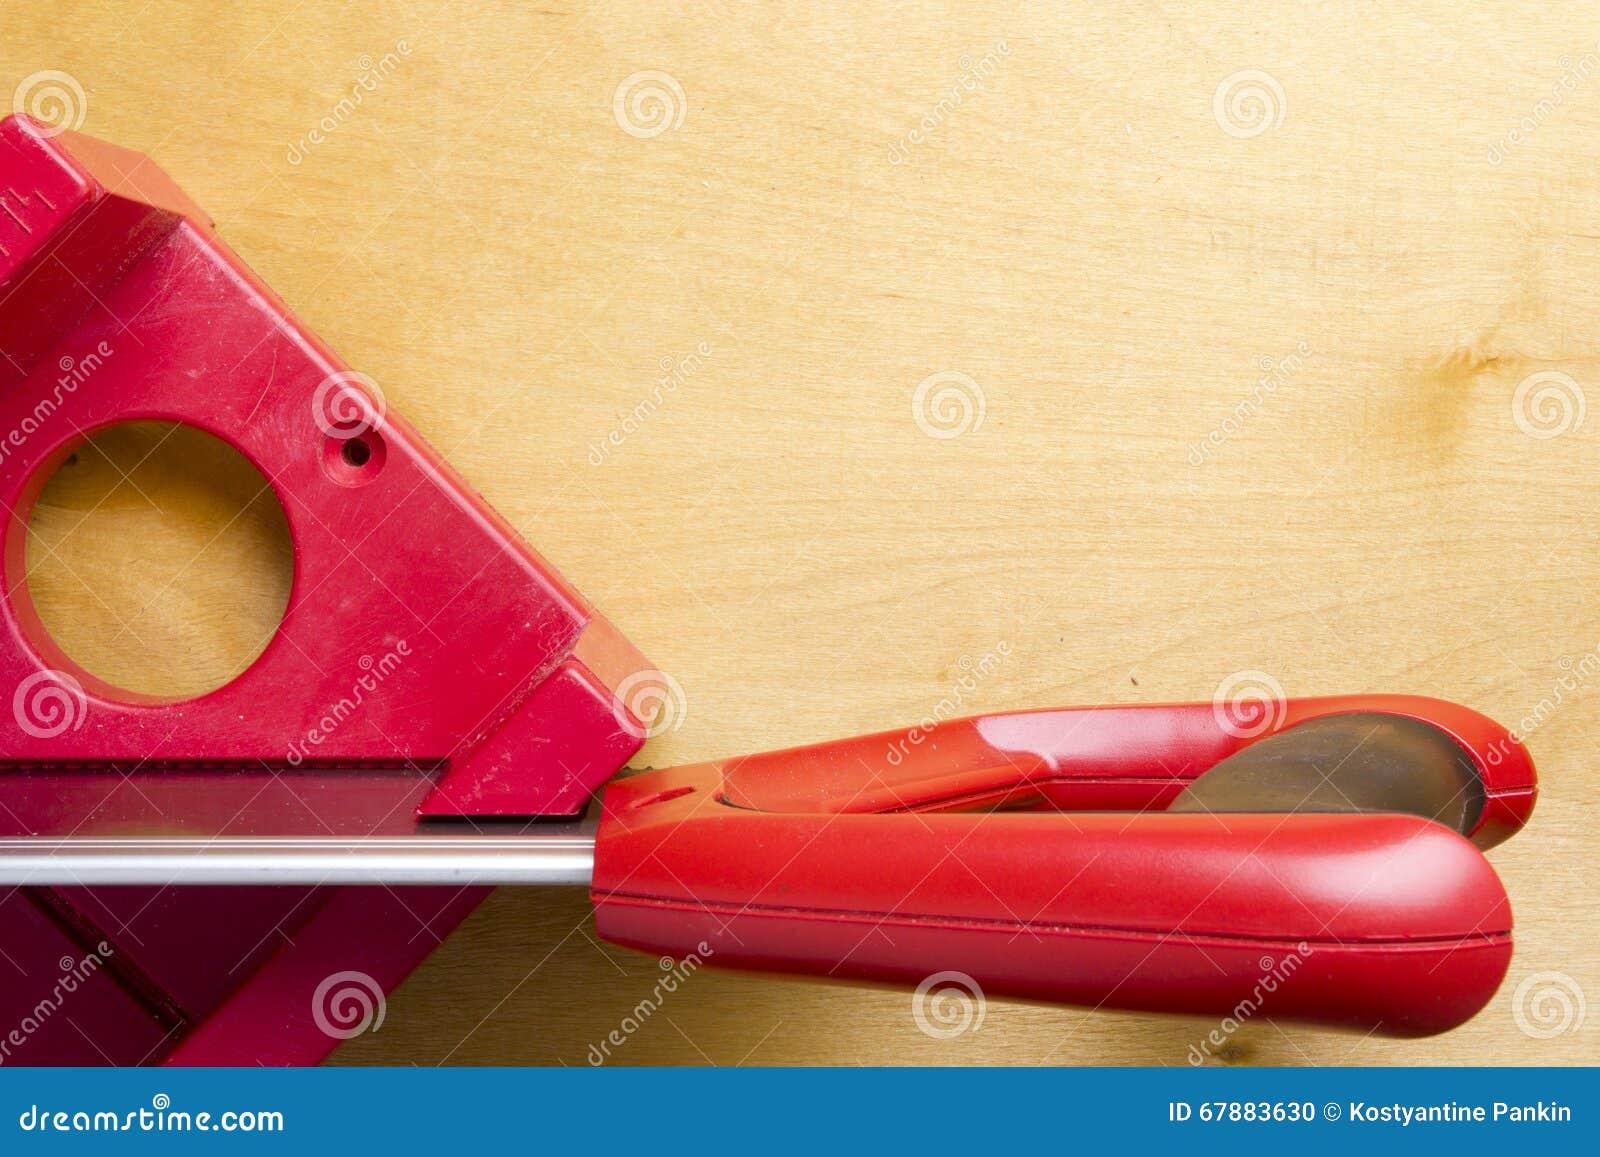 使用轴锯箱和锯的切板